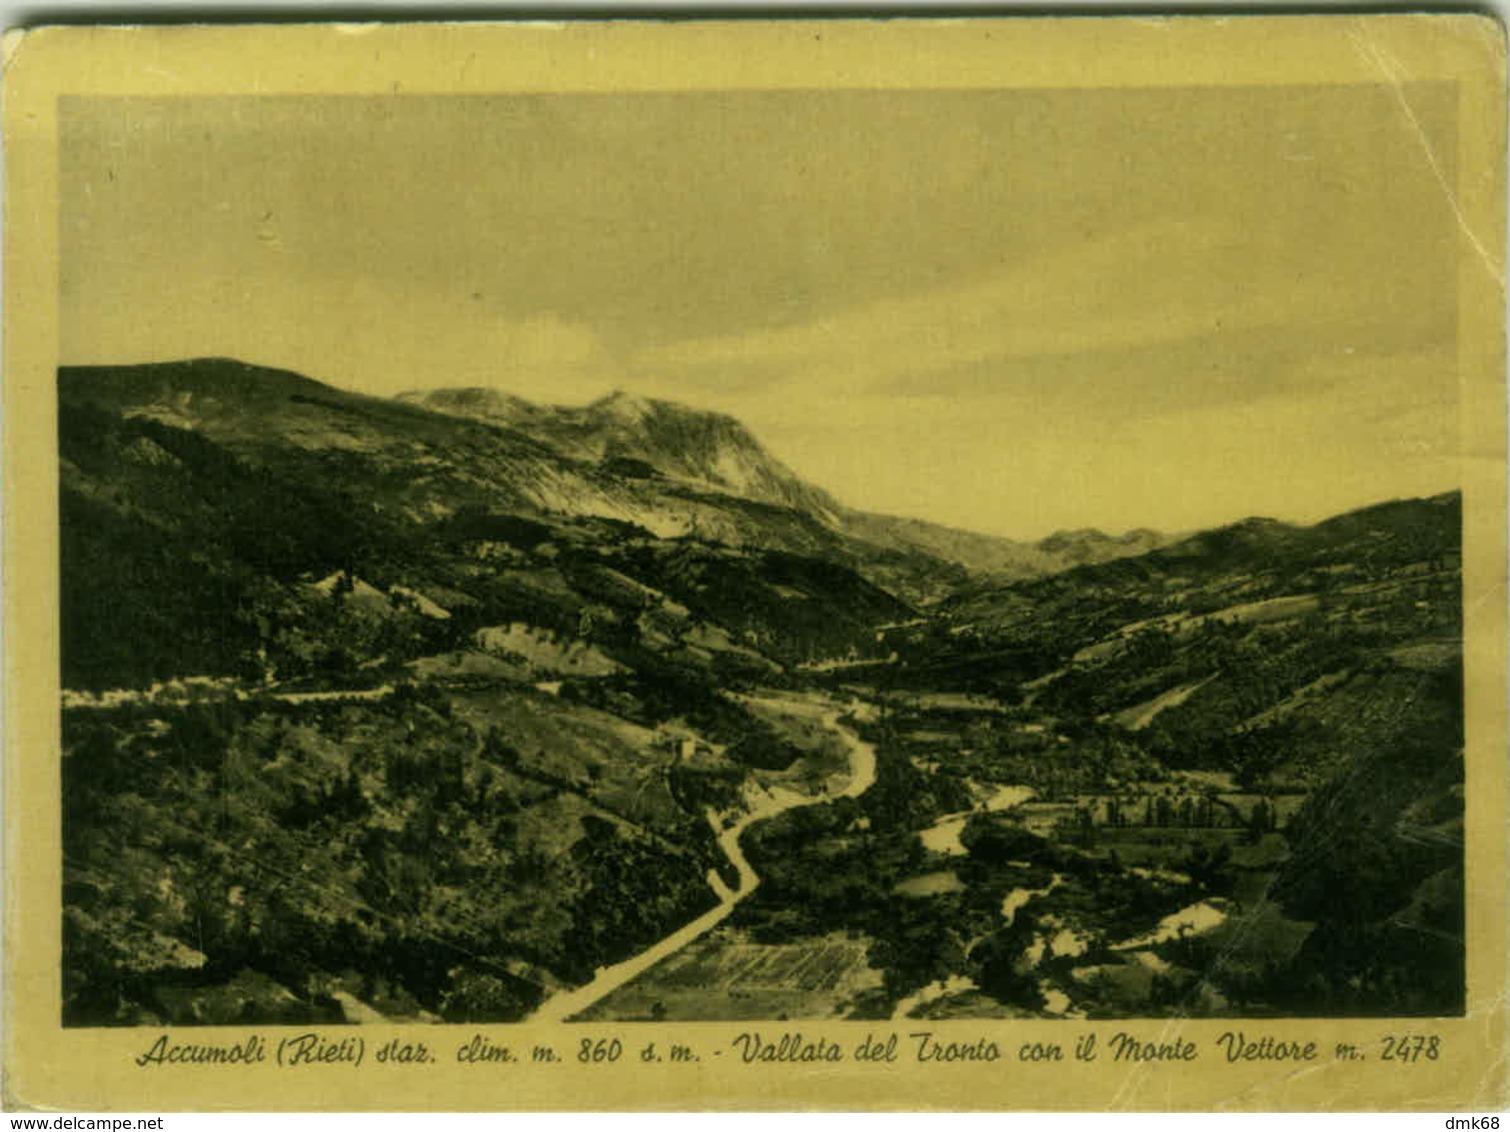 ACCUMOLI ( RIETI ) VALLATA DEL TRONTO CON IL MONTE VETTORE - EDIZ. D.PEPE - 1954  (2639) - Rieti